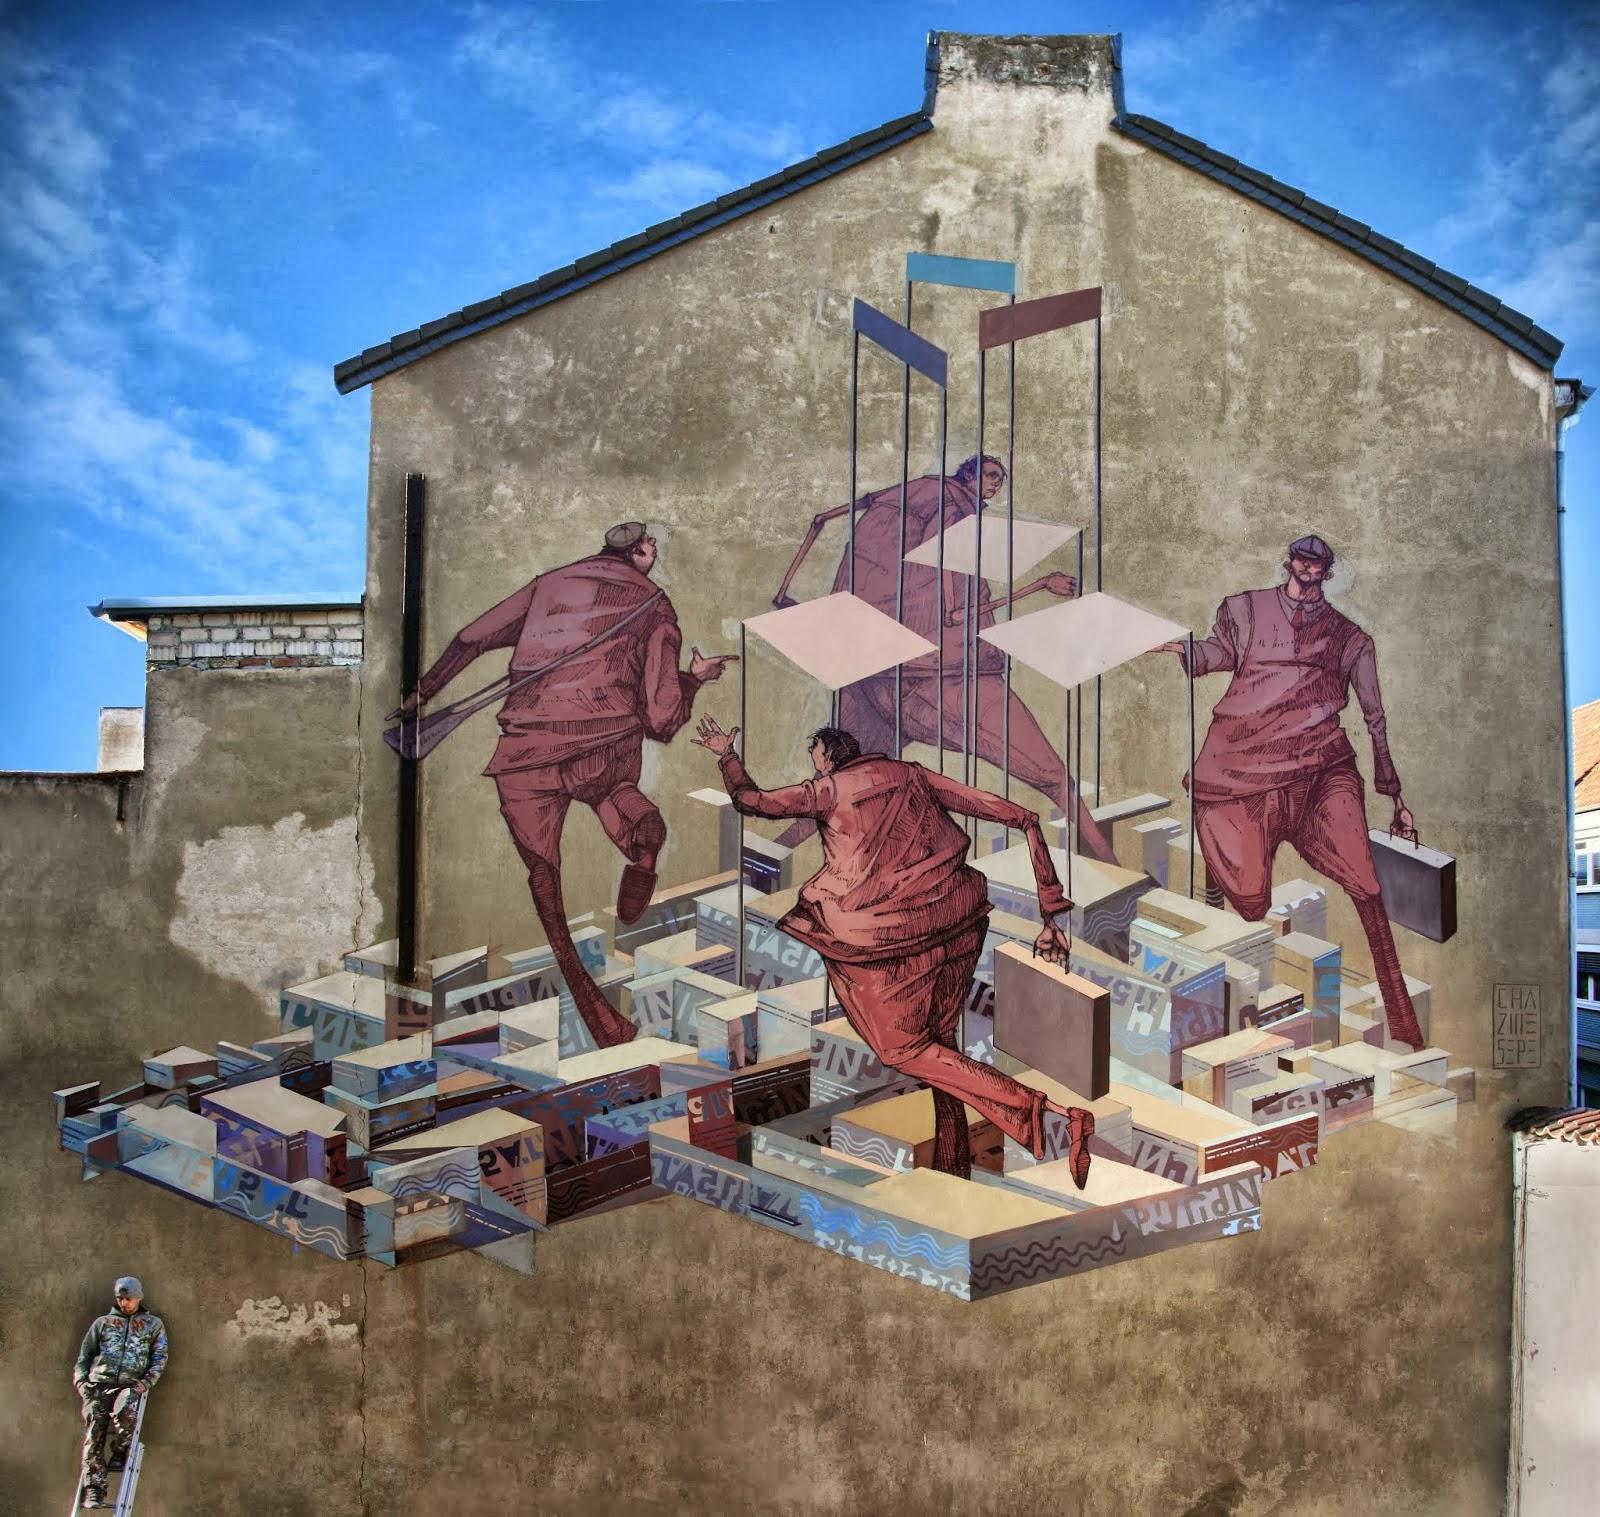 chazme-sepe-new-mural-for-cityleaks-festival-01